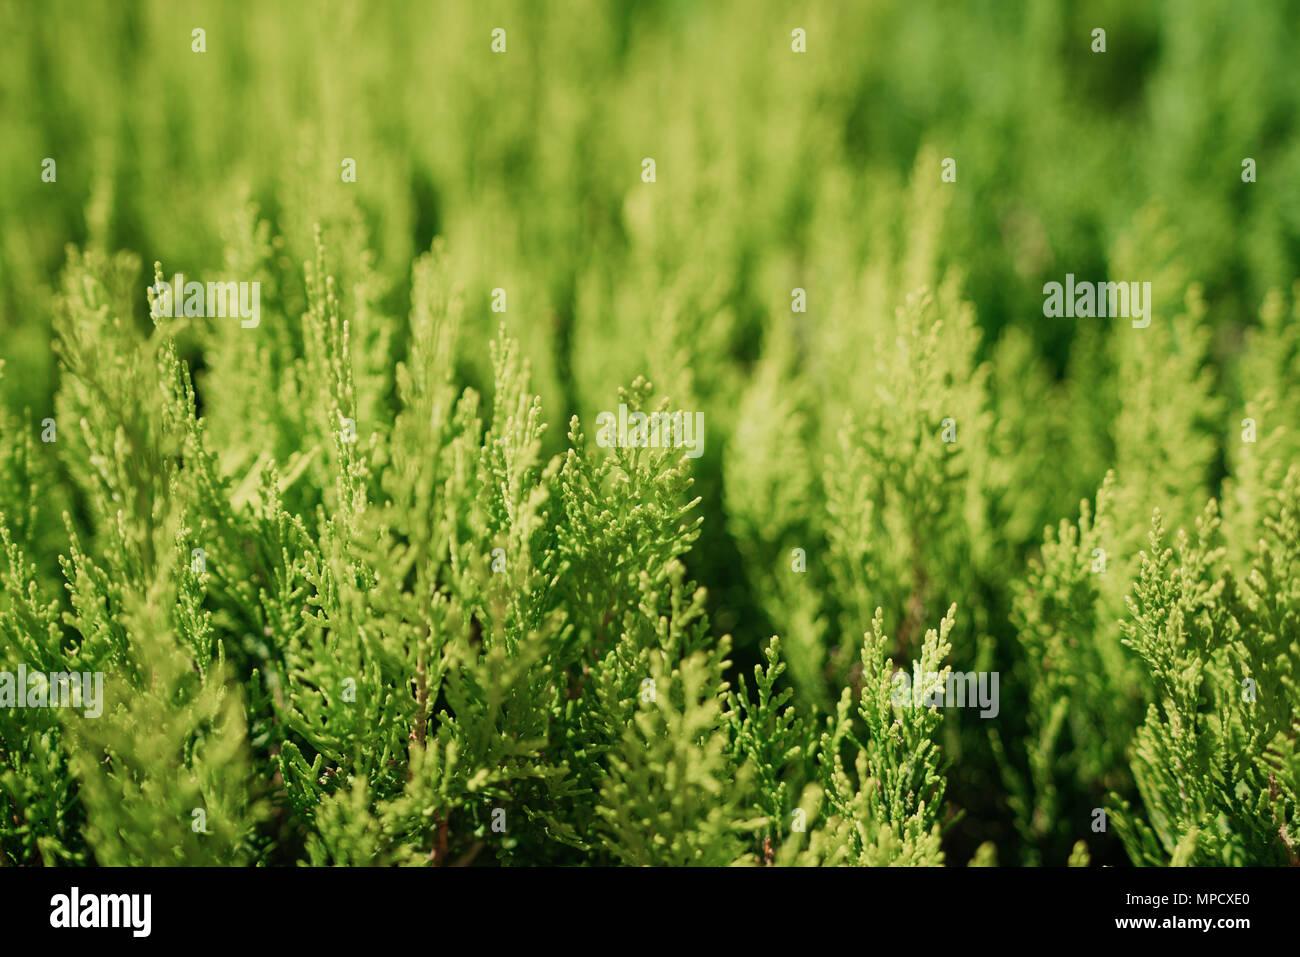 Desktop hintergrundbilder fruhling